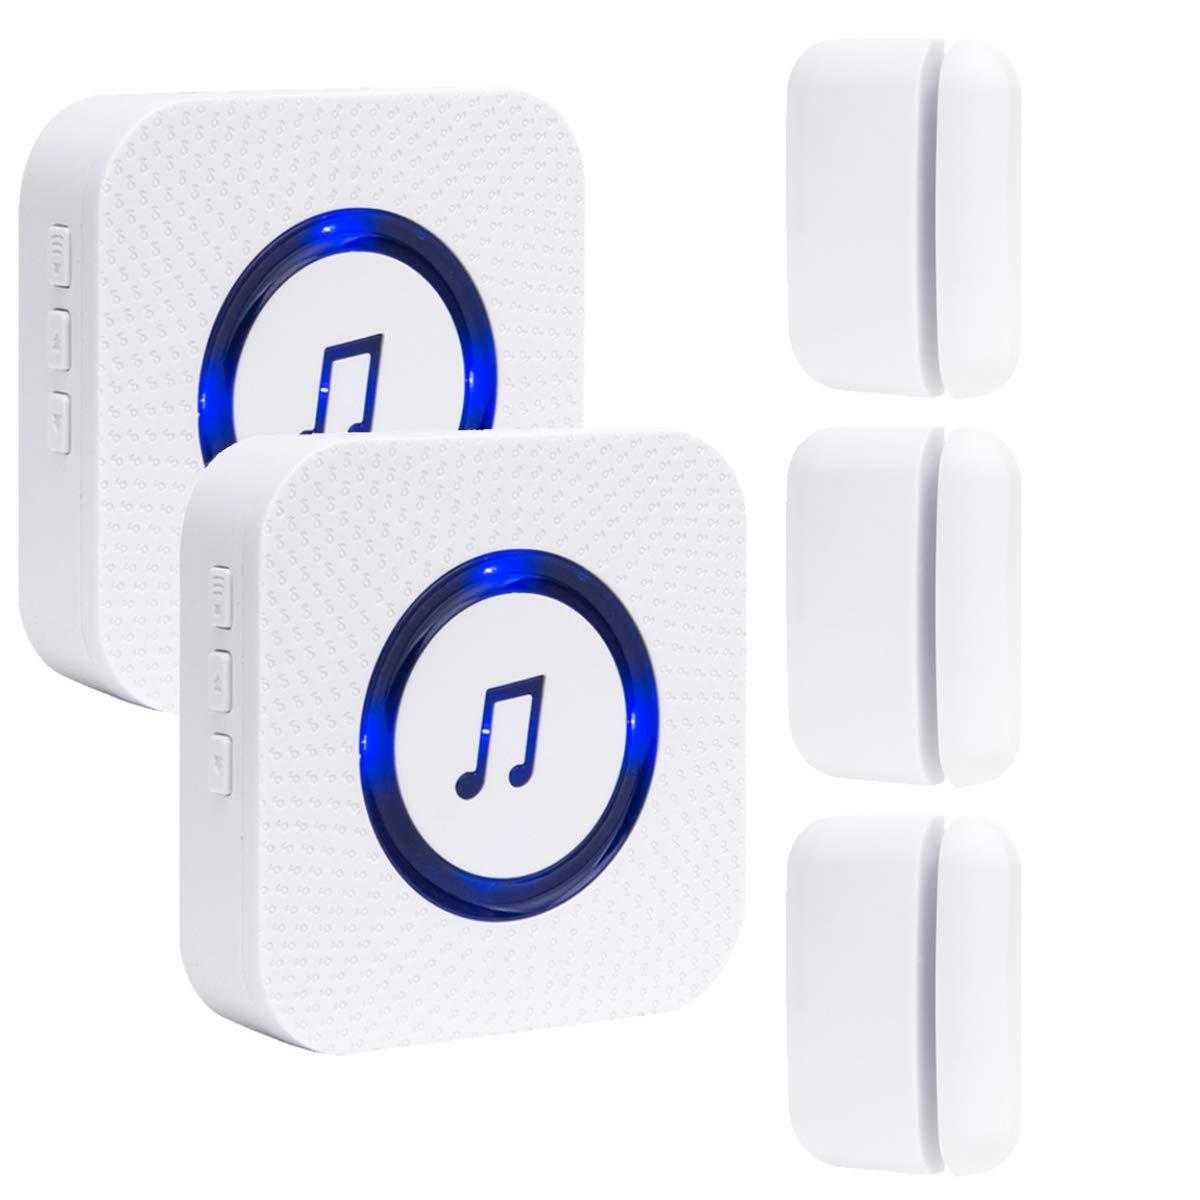 SanJie Wireless Door Open Chime Entry Alert Door Entry Alarm for Business Home Store 52 Ringtones 4 Volume Level 2 Receiver 3 Magnetic Window Sensor